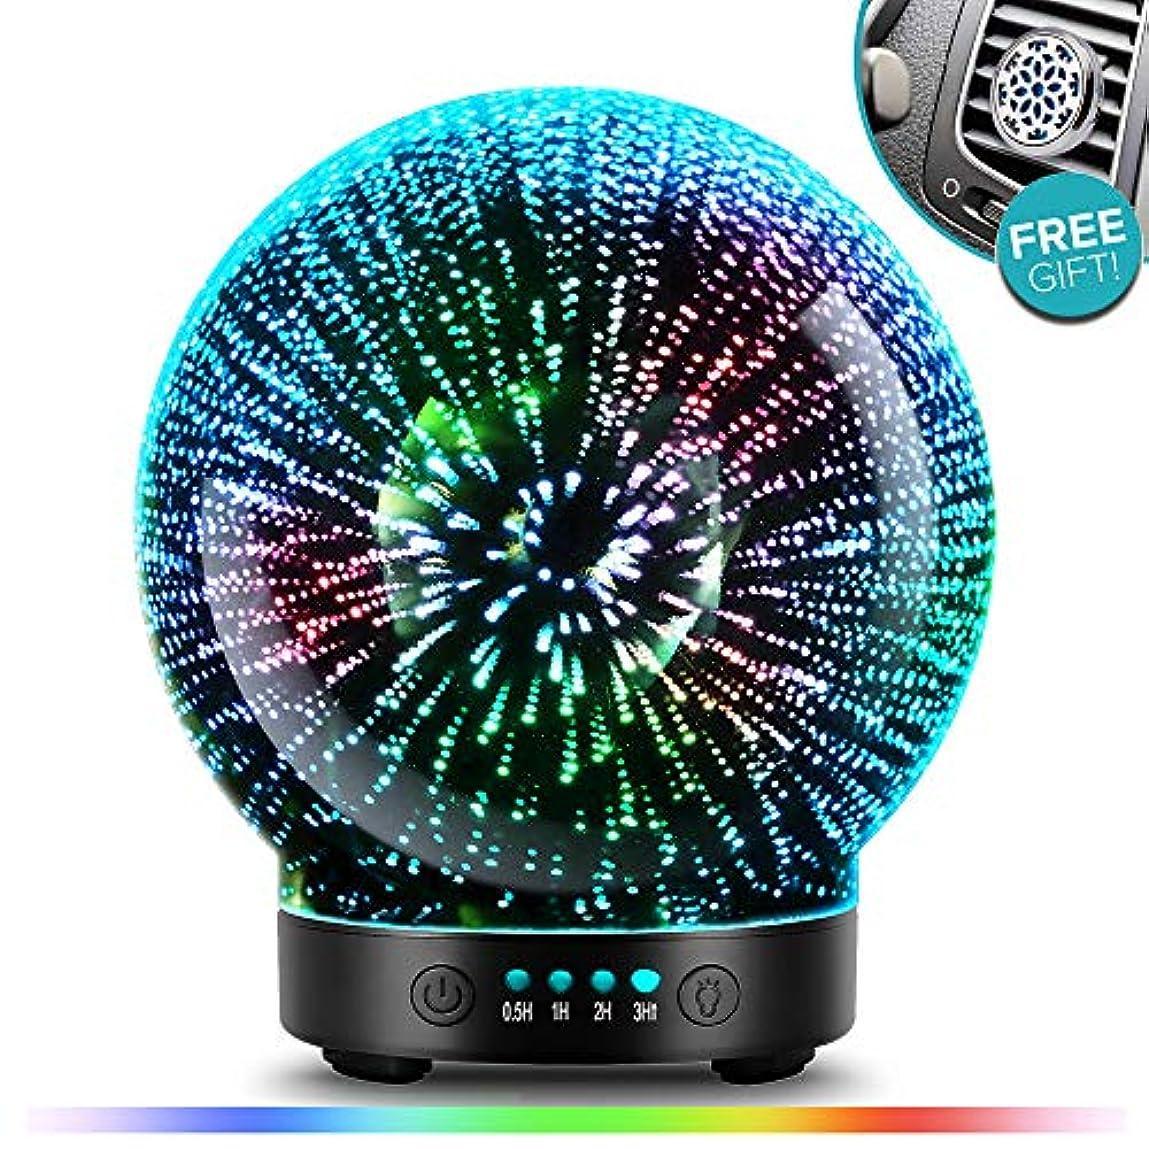 輝く移植アメリカPOBEES 3グラスアロマエッセンシャルオイルディフューザー - 最新バージョン 香り オイル加湿器7 花火 テーマプレミアム超音波ミスト自動オフ安全スイッチカーベントクリップカラー照明モードを主導